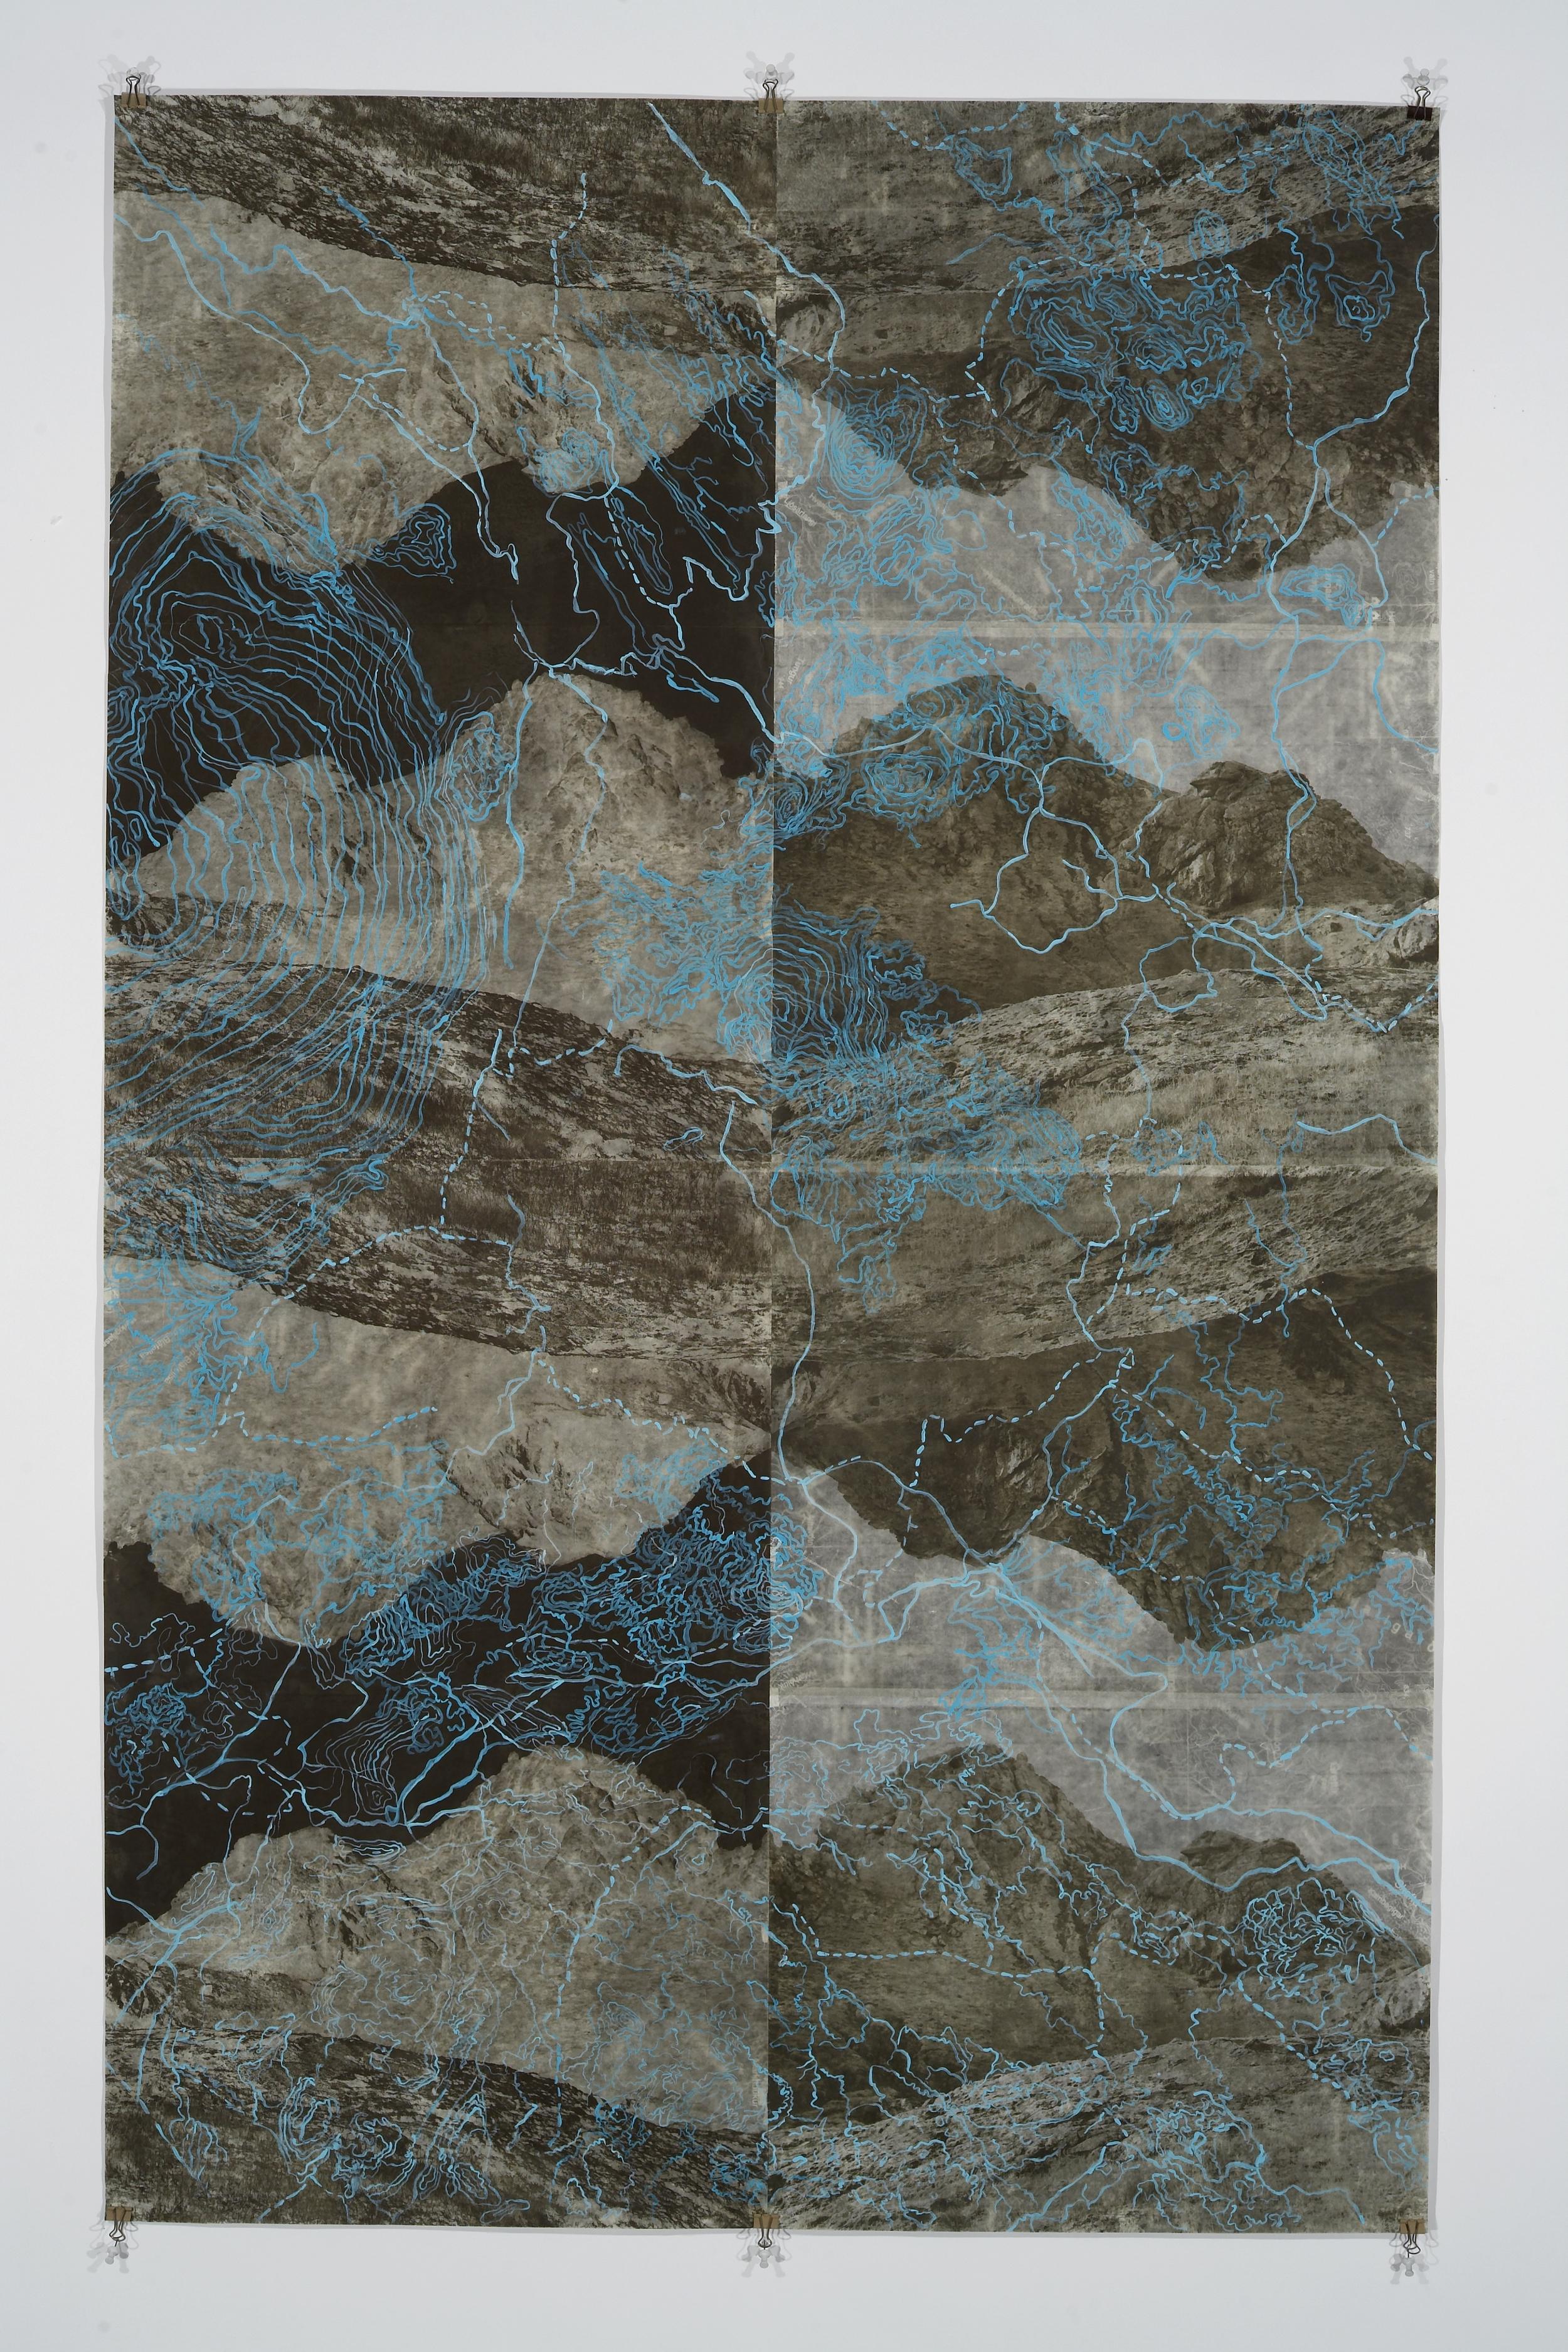 """Eyjafjoll ScrollI, 2006   Photogravure on kozo shi, digital pigment print, oil paint,wax in layers   65.5"""" X 41"""""""